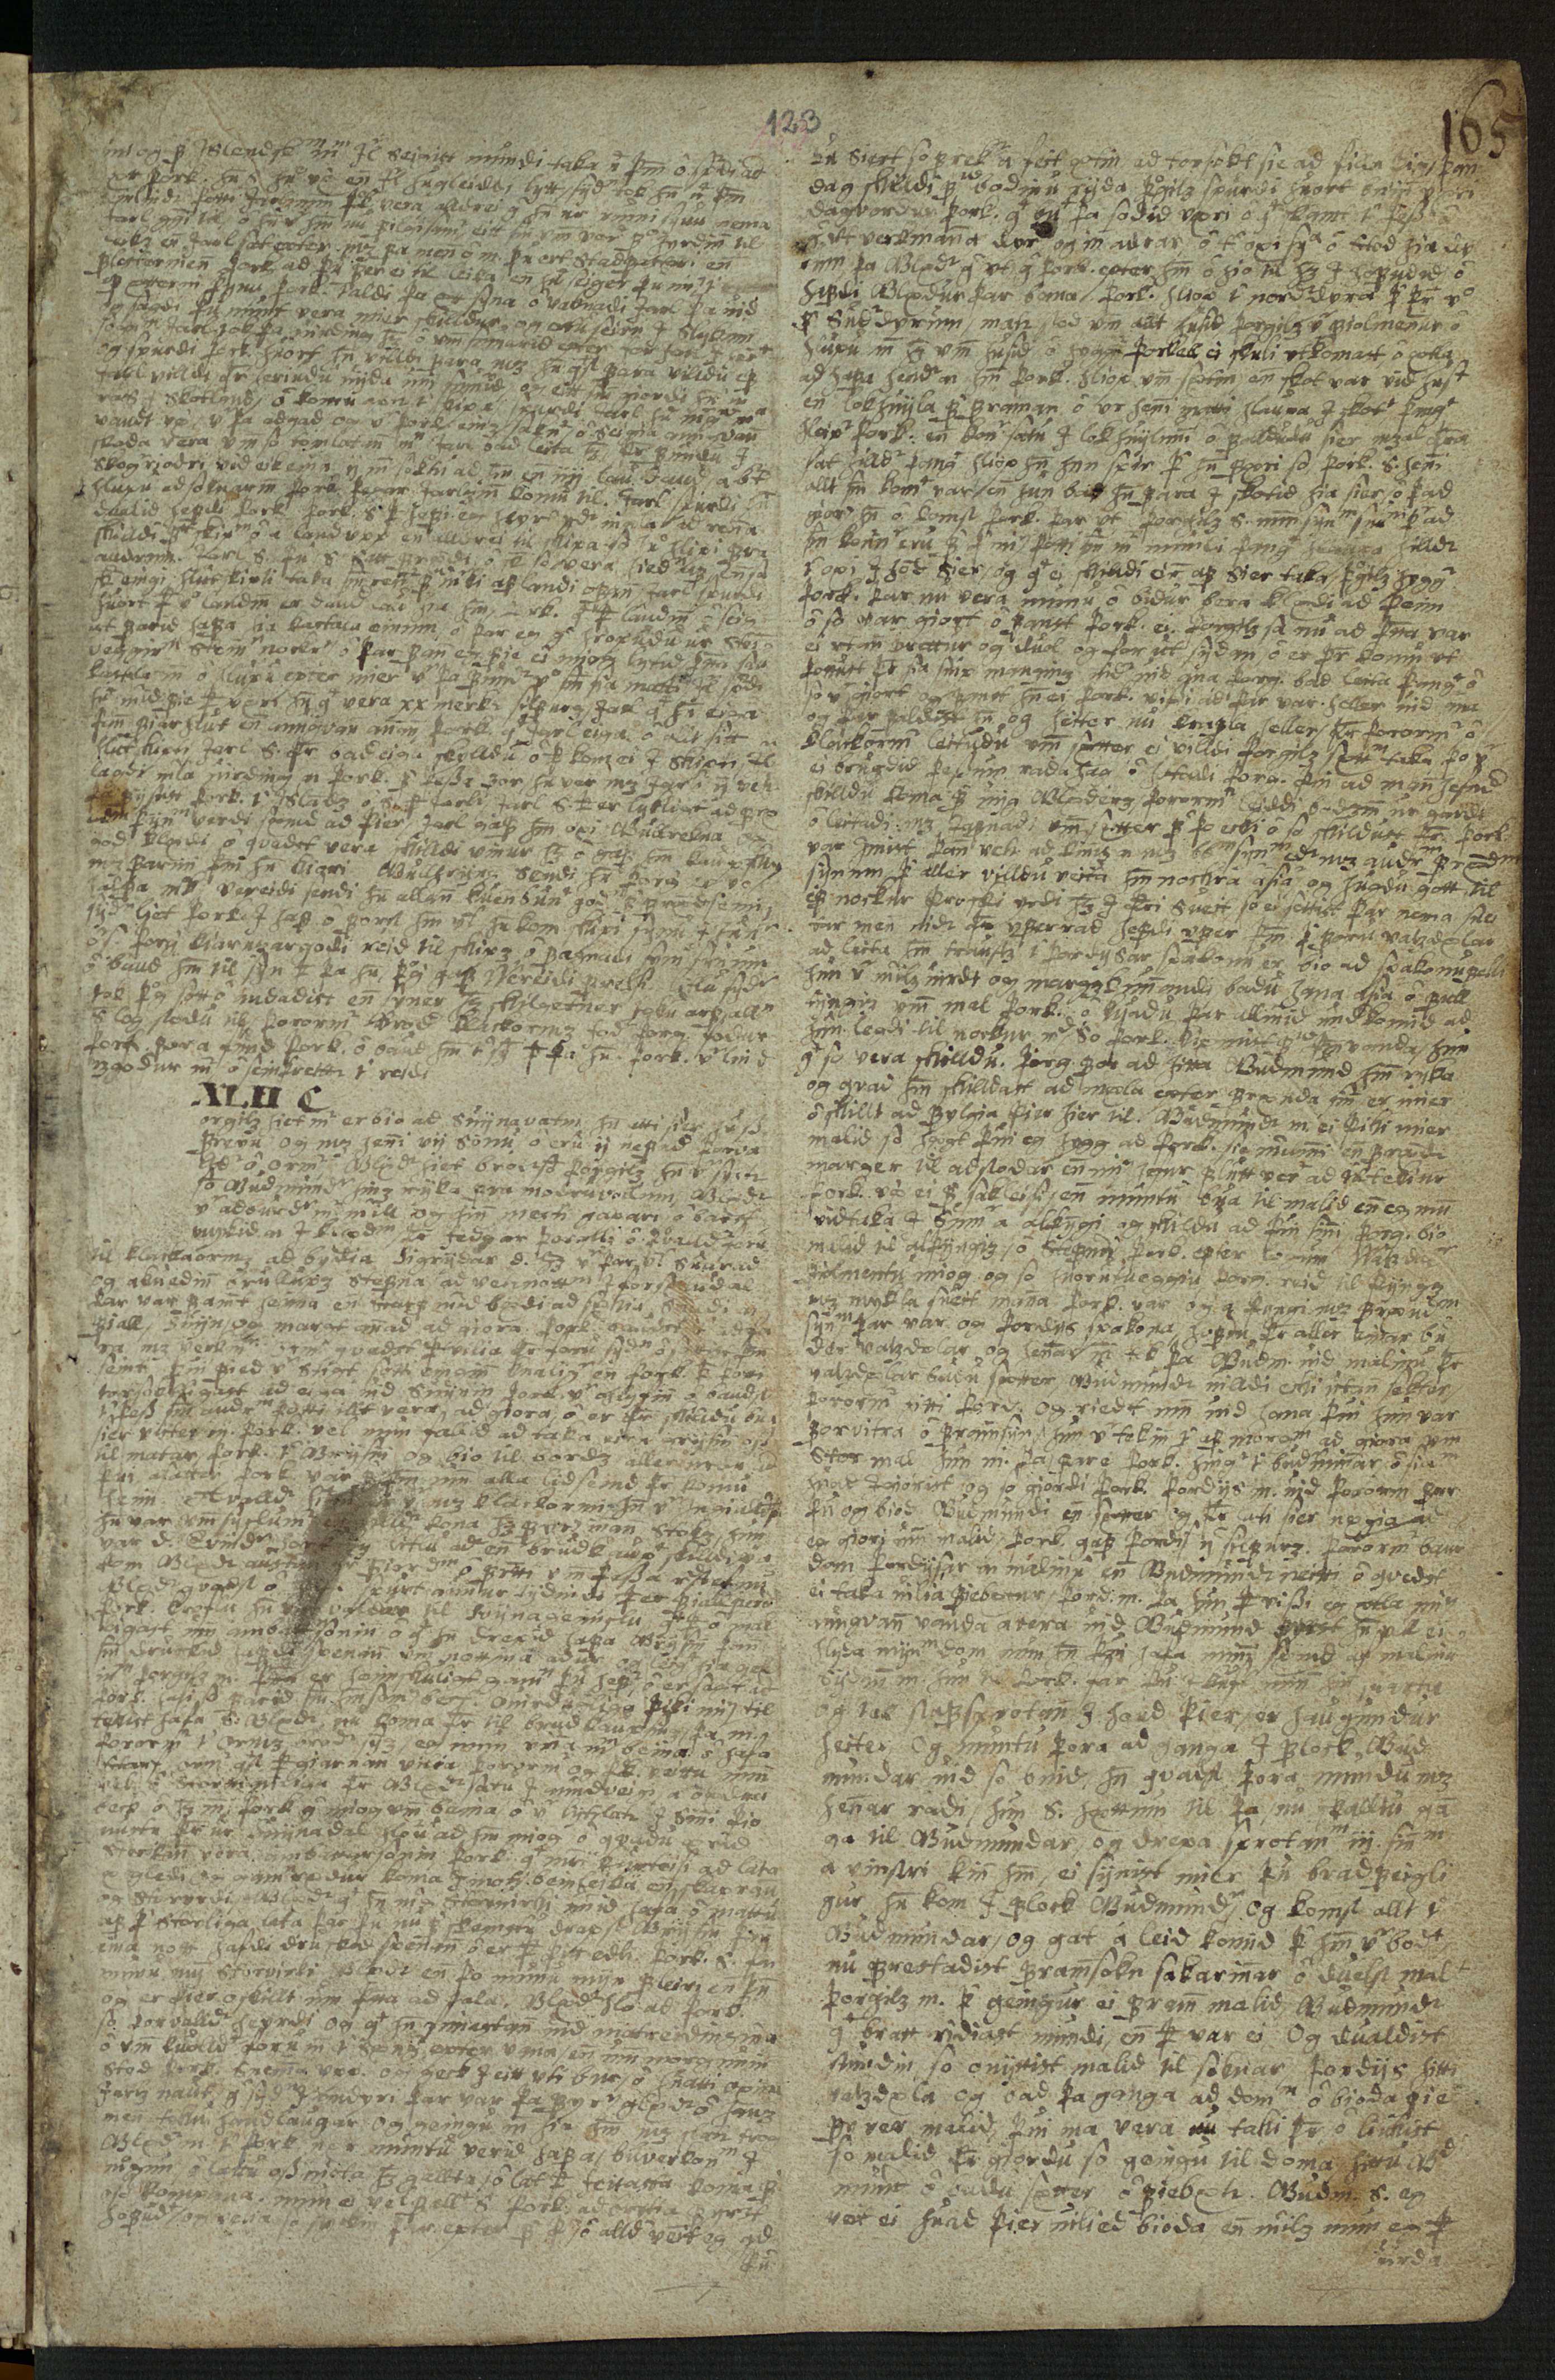 AM 158 fol - 123r